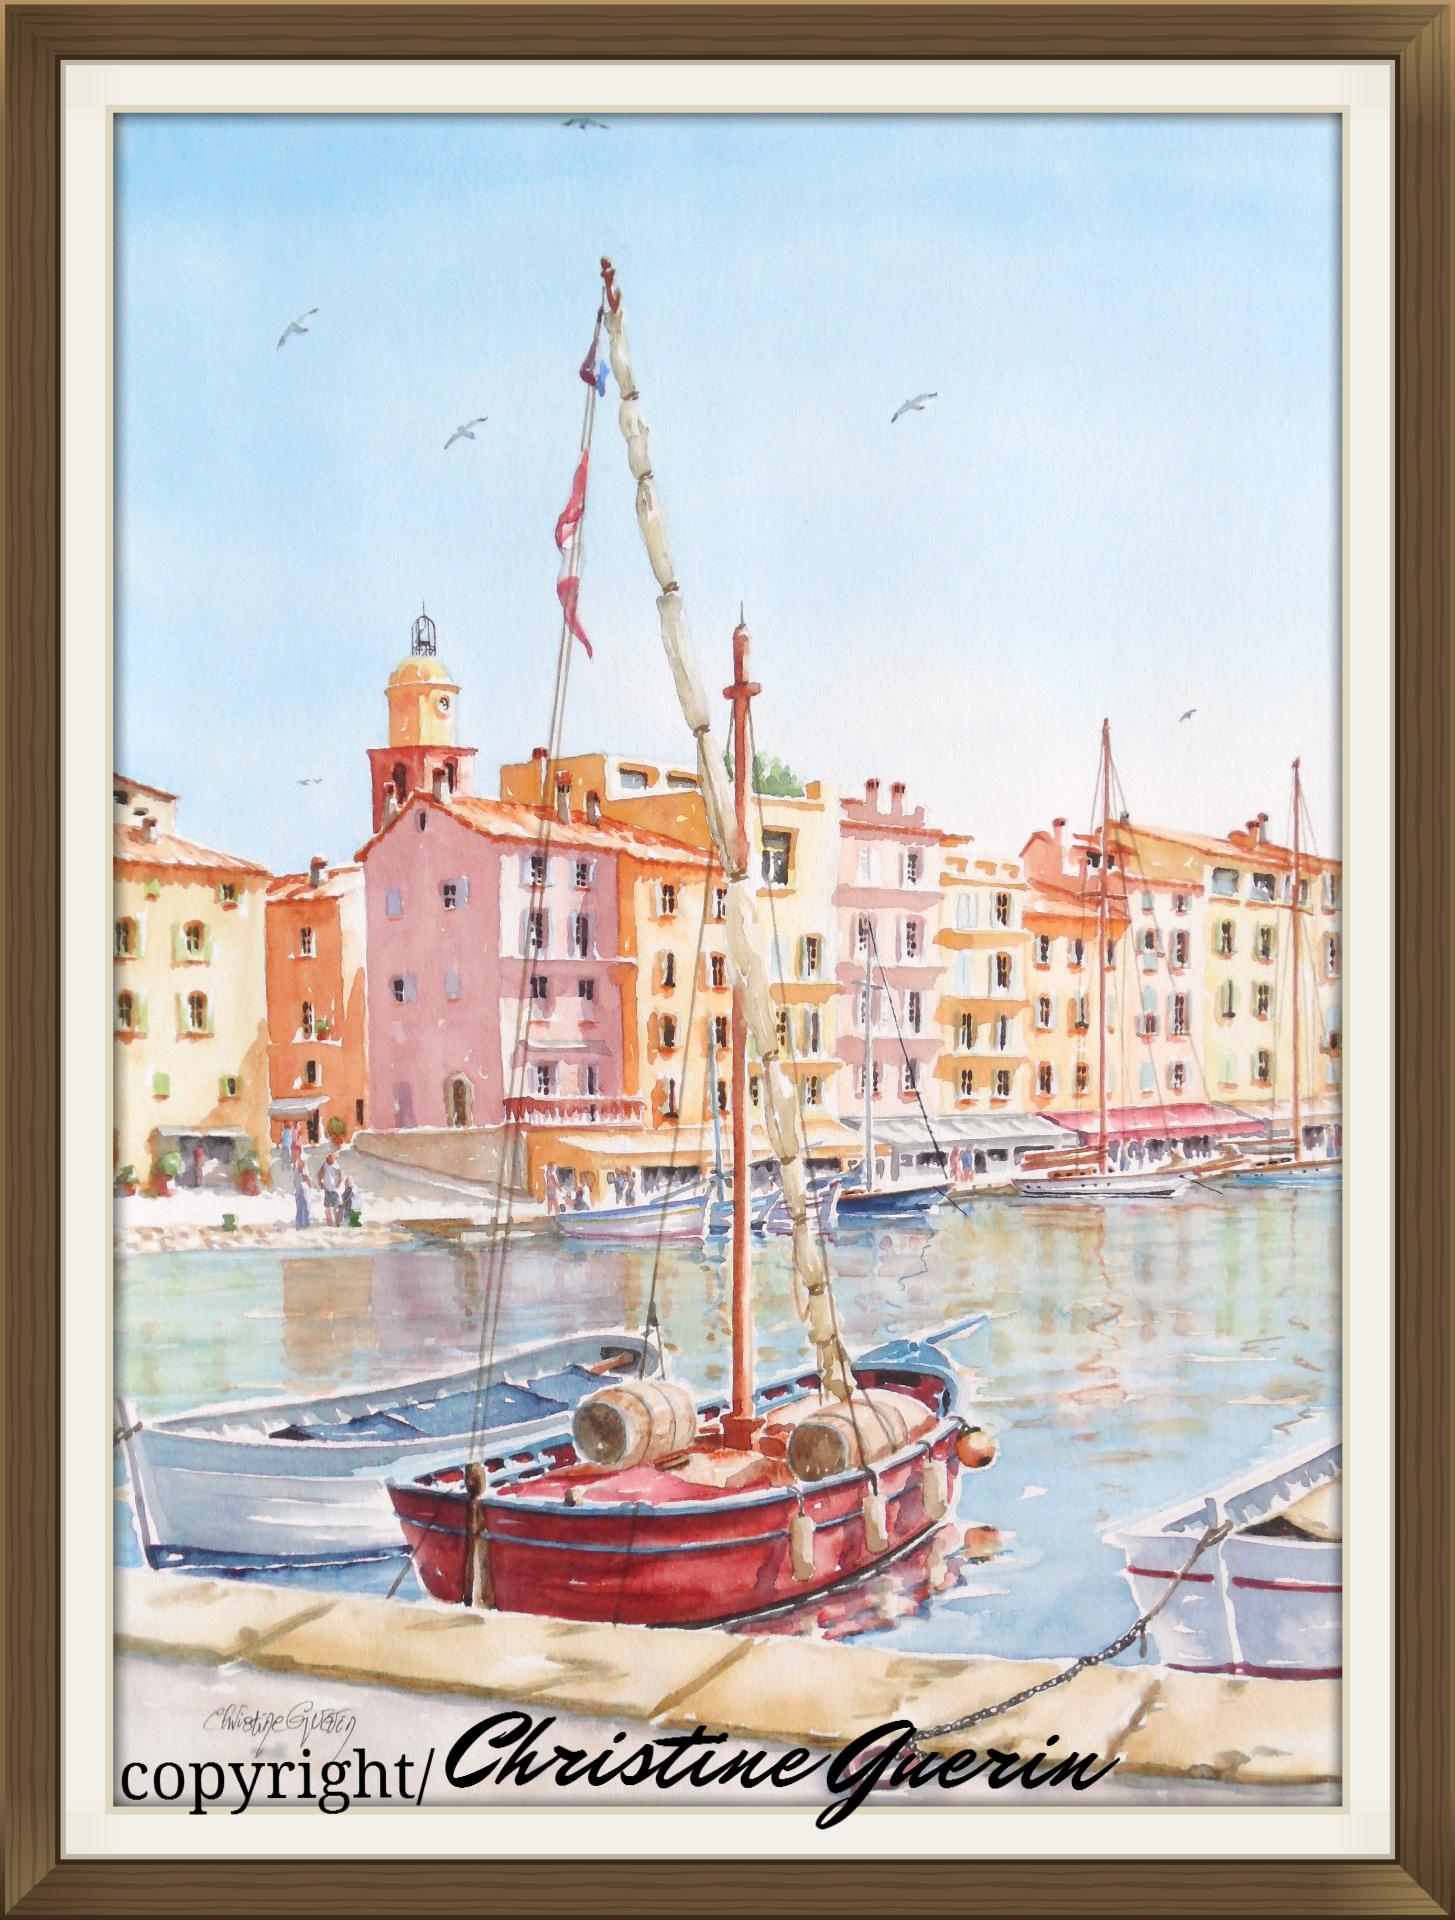 Artiste Peintre St Tropez port de s-tropez | artistikguerin